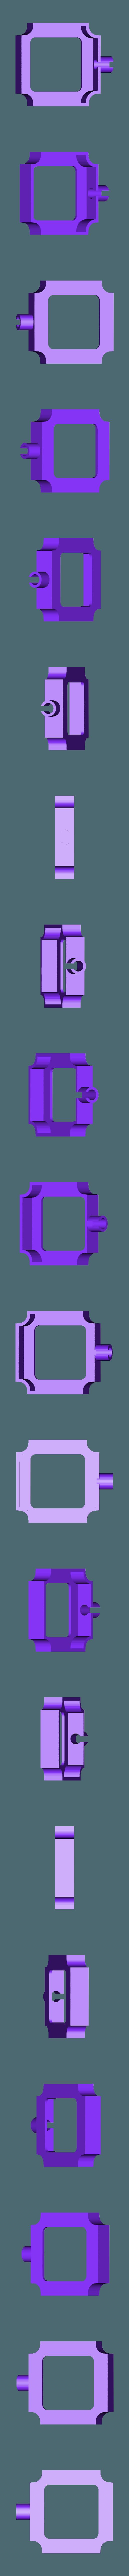 nema_23_cap_01.stl Télécharger fichier STL gratuit Capuchon NEMA 23 pour conduit de câble / gaine de 16 mm • Design pour impression 3D, peaberry